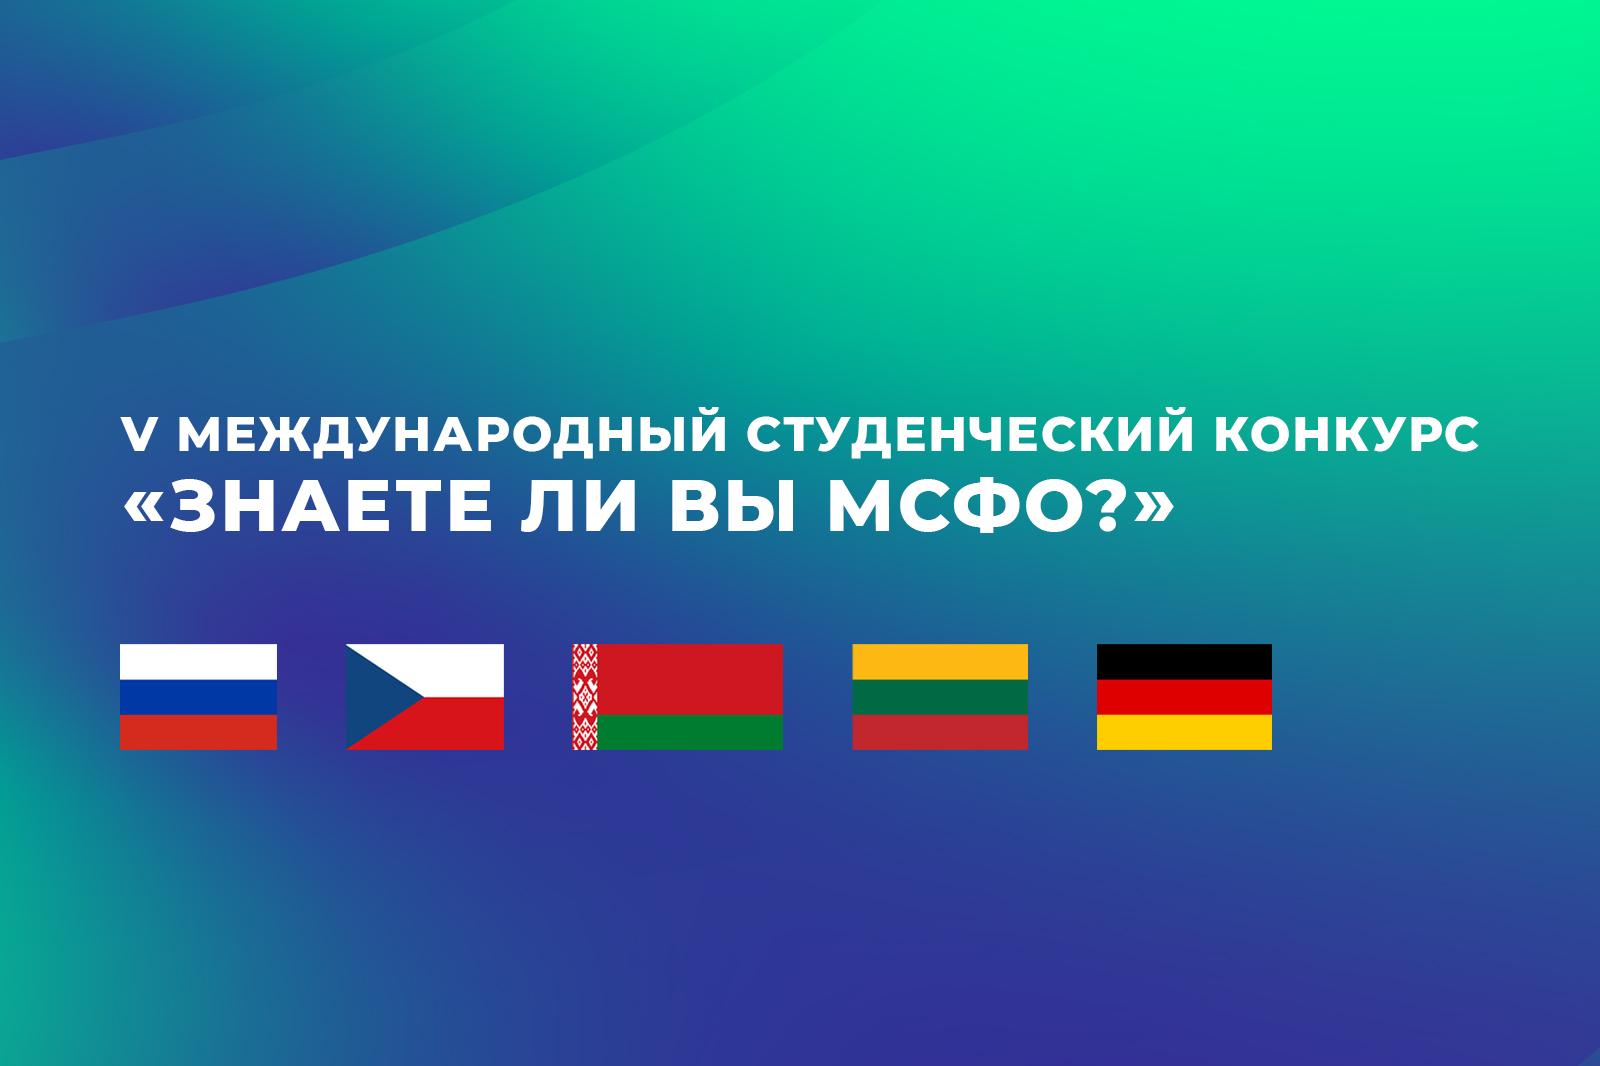 V Международный студенческий конкурс «Знаете ли Вы МСФО? - 2020»